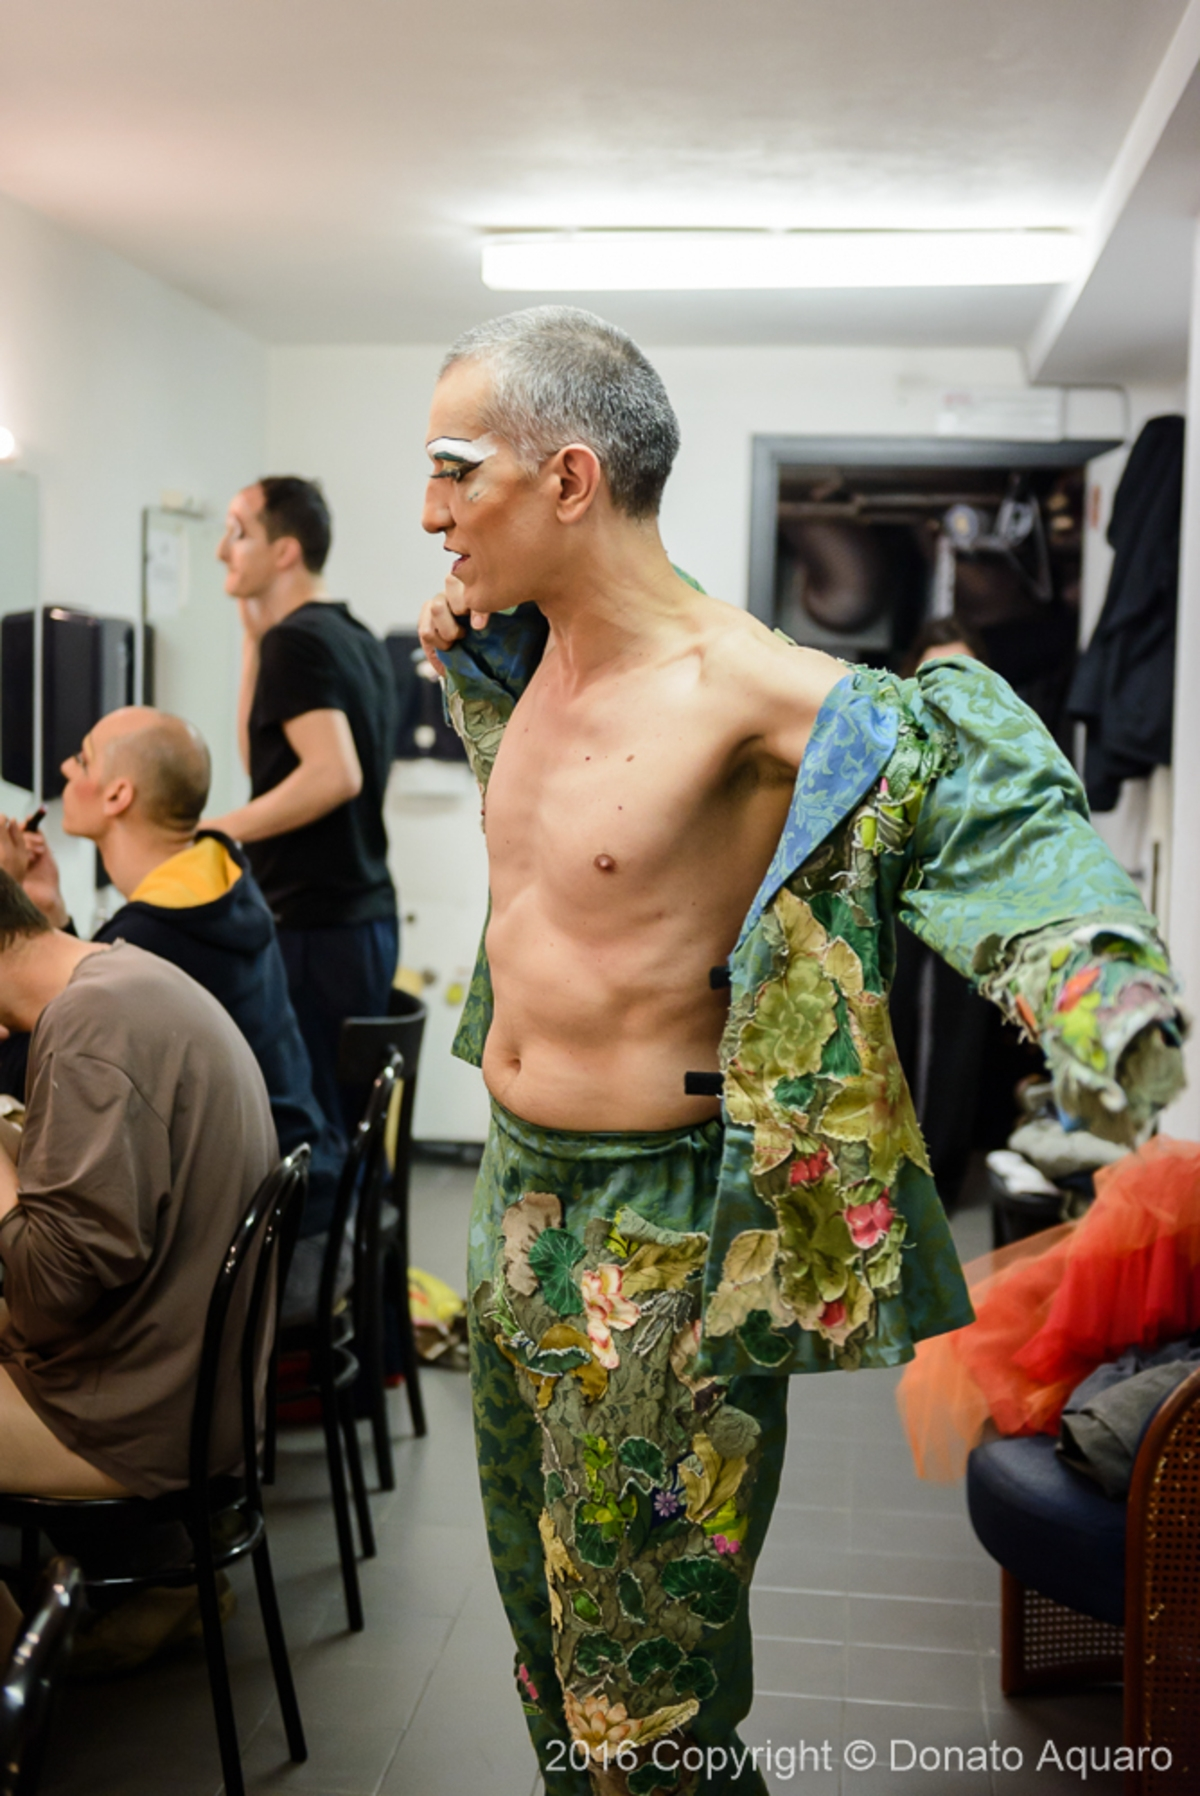 Backstage Teatro Della Tosse Ge Maggio 16 Ph Donato Acquaro 4 2020 01 16 18 17 22 Utc